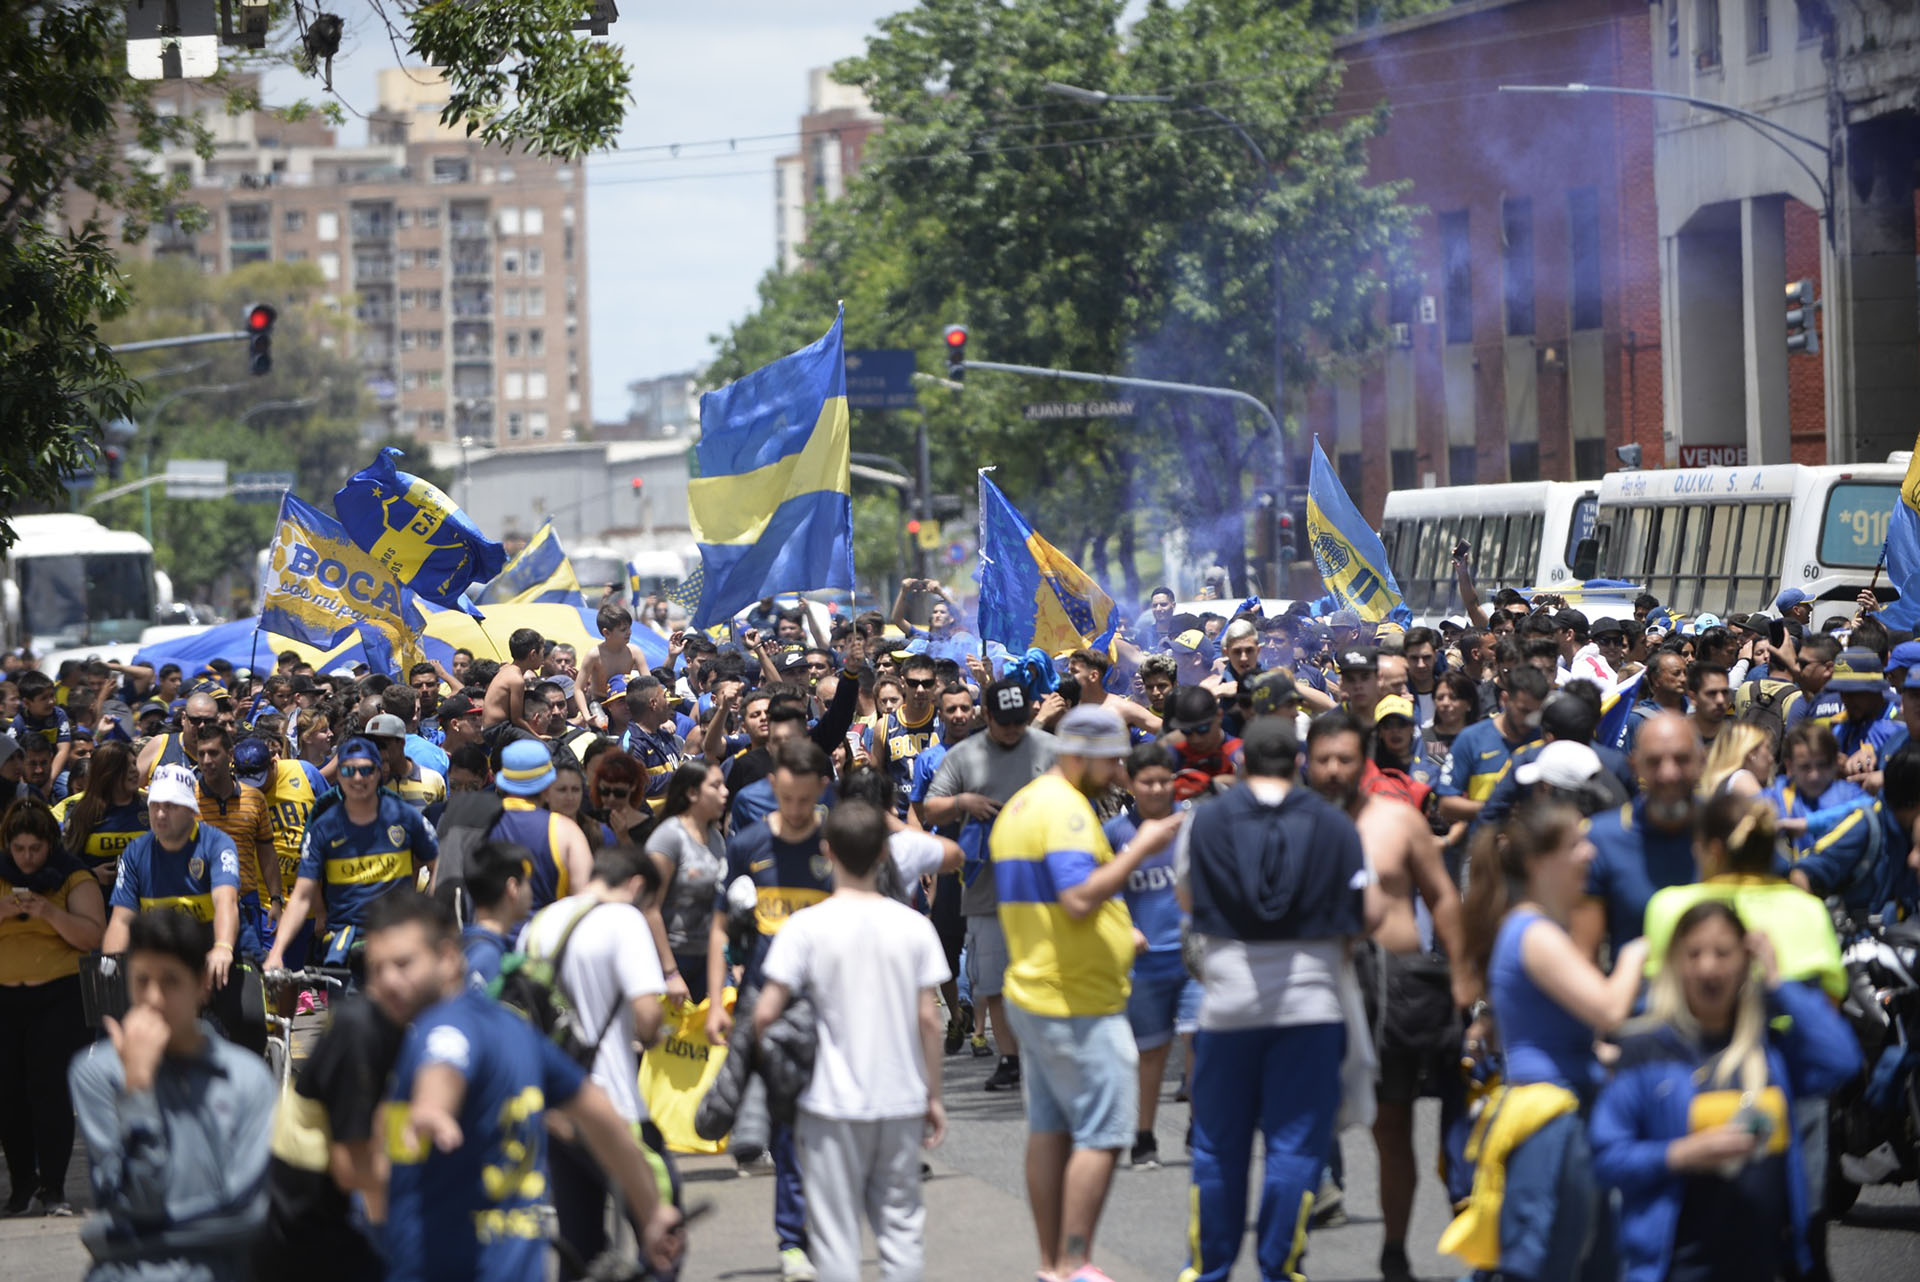 Los fanáticos fueron al lugar elegido por Boca para realizar la concentración previa al partido histórico ante el clásico rival